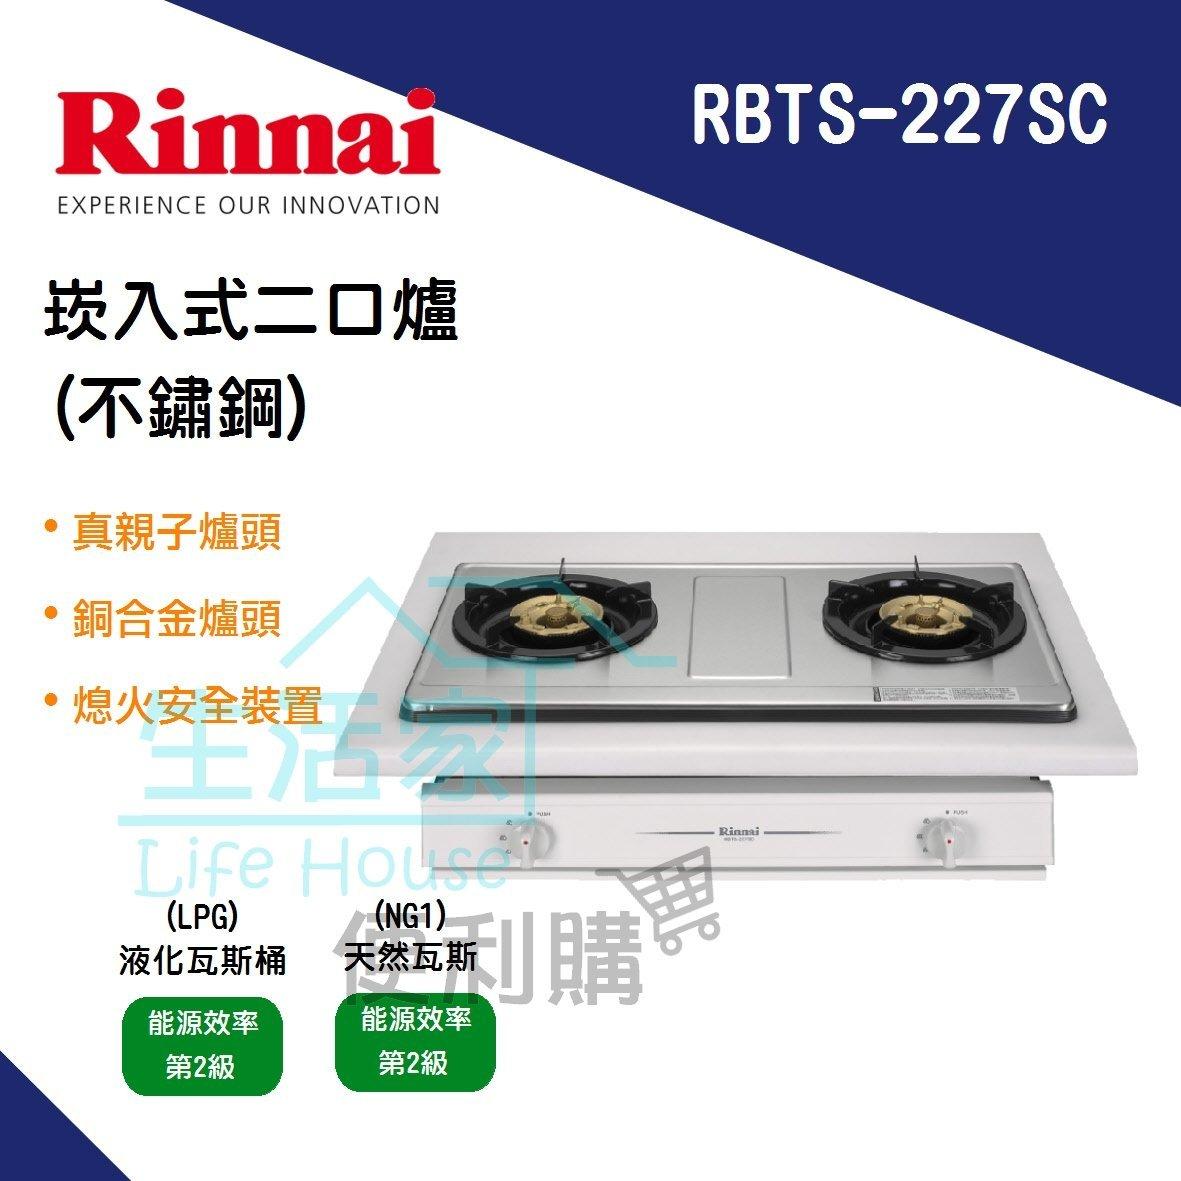 【 家便利購】《附發票》林內牌 RBTS-227SC WC 崁入式二口爐(不鏽鋼 琺瑯) 瓦斯爐 真親子 銅合金爐頭